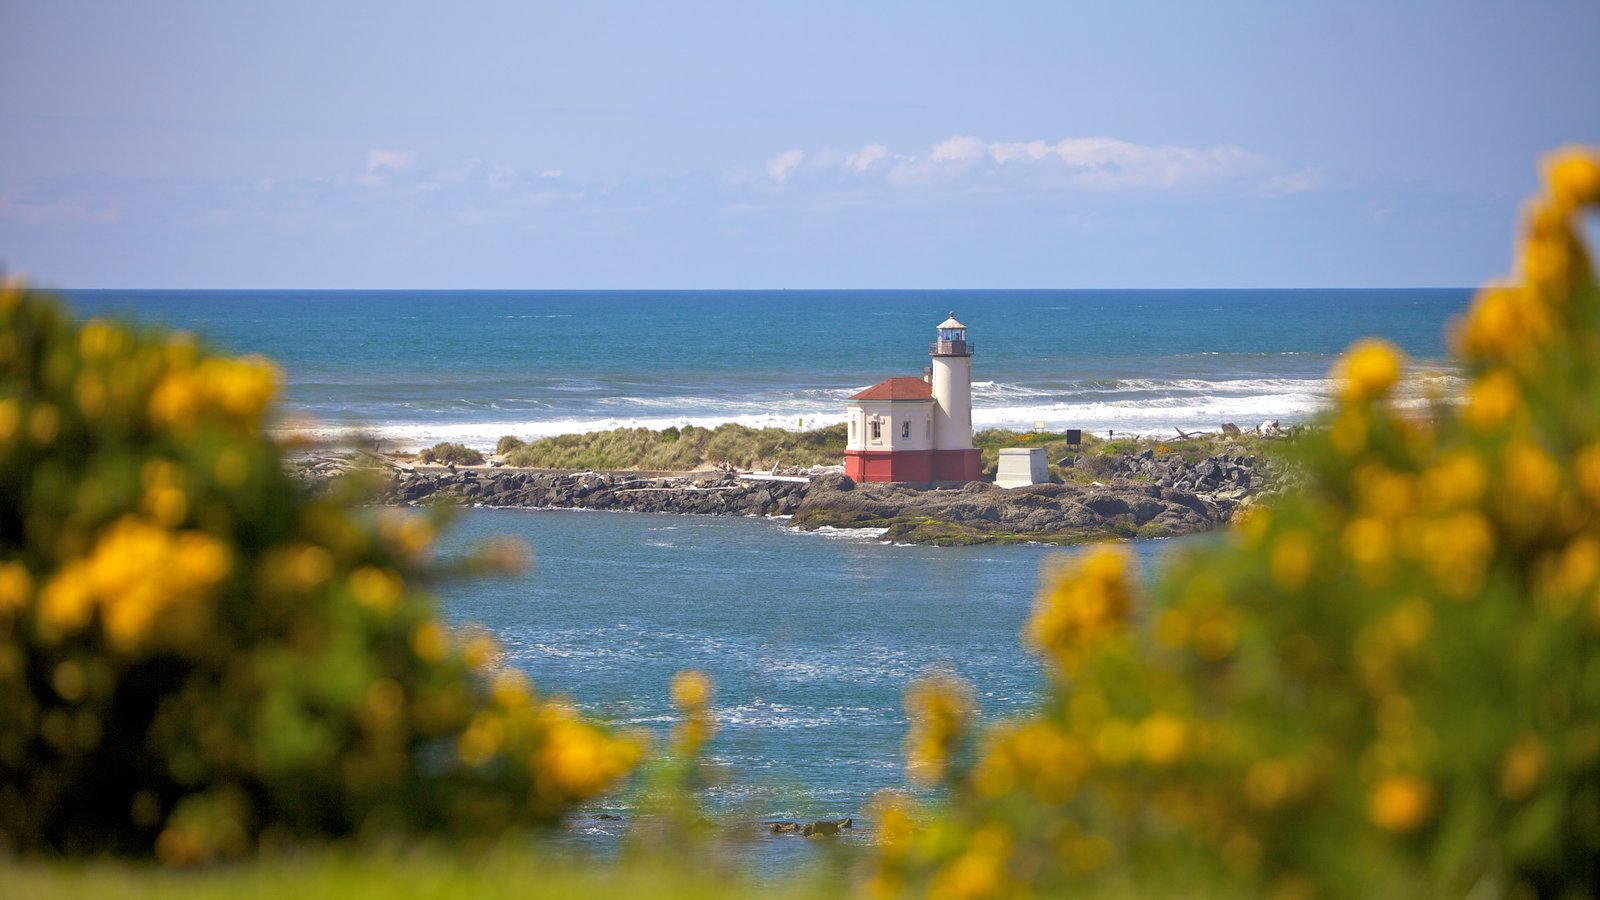 Oregon - Costa Sul que inclui litoral acidentado, um farol e paisagens litorâneas